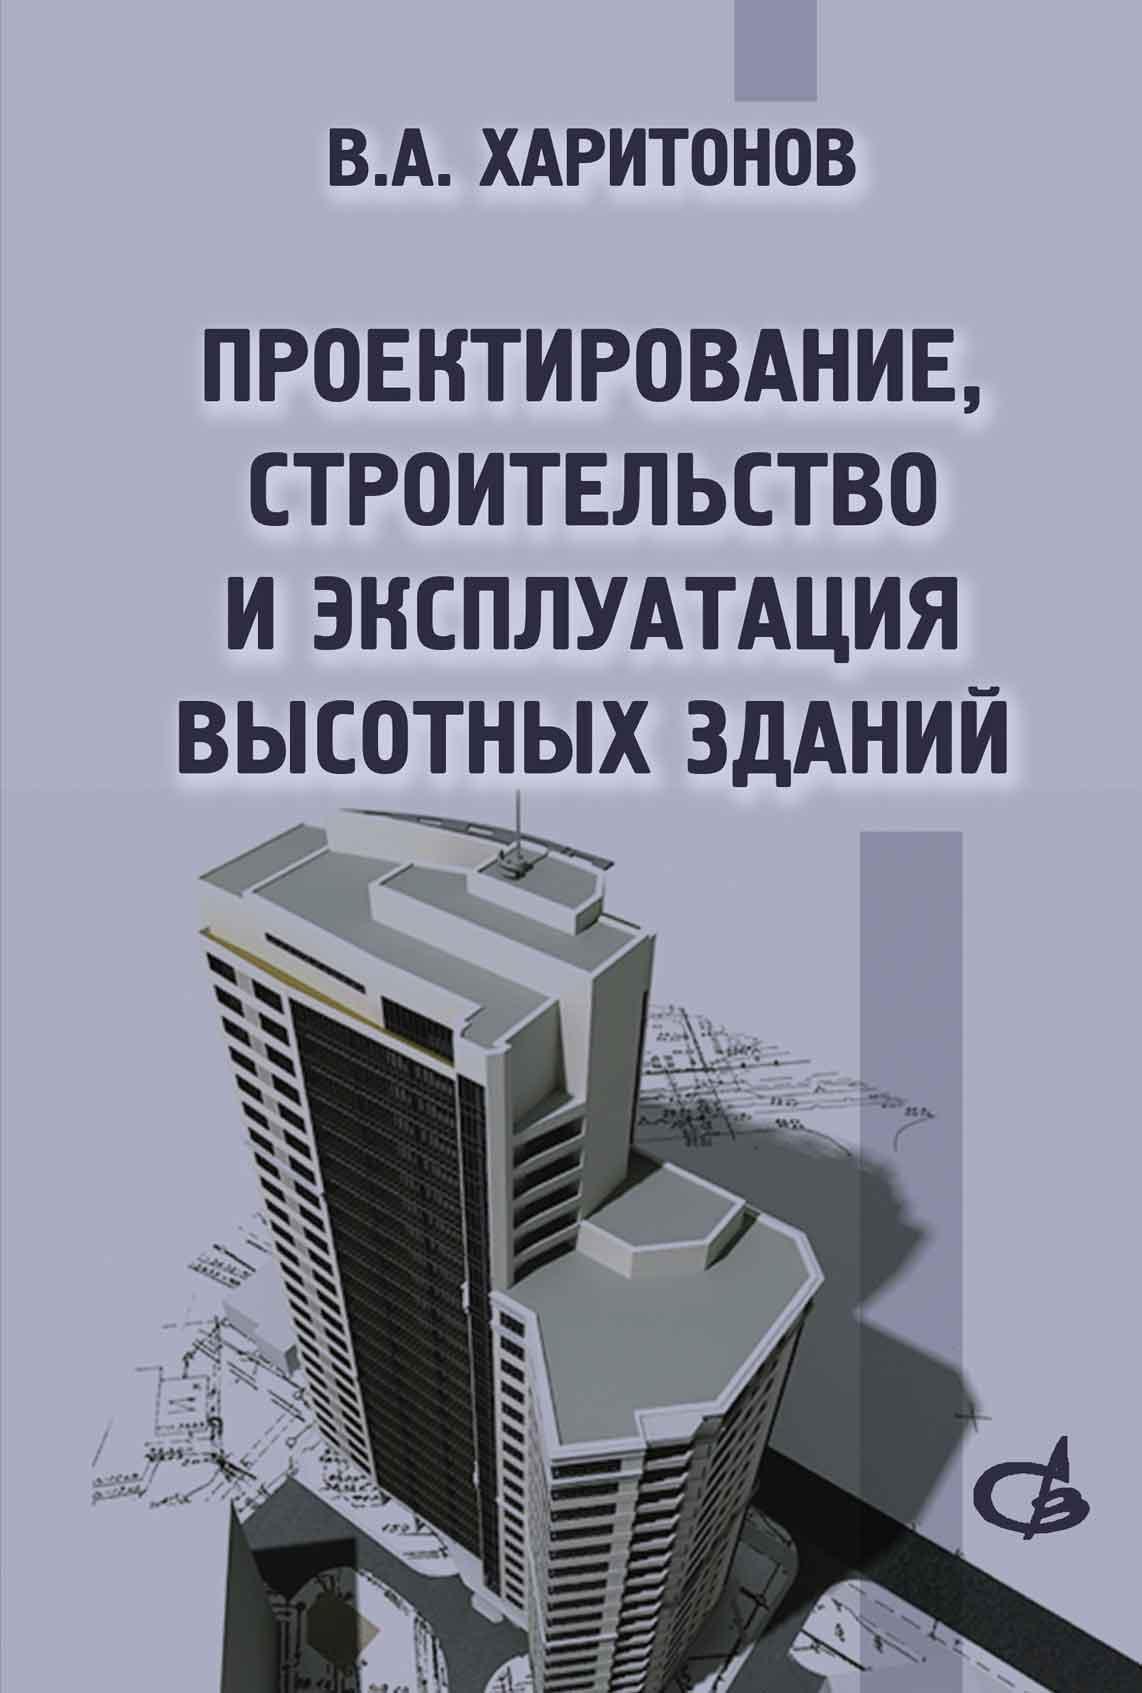 В. А. Харитонов Проектирование, строительство и эксплуатация высотных зданий цена